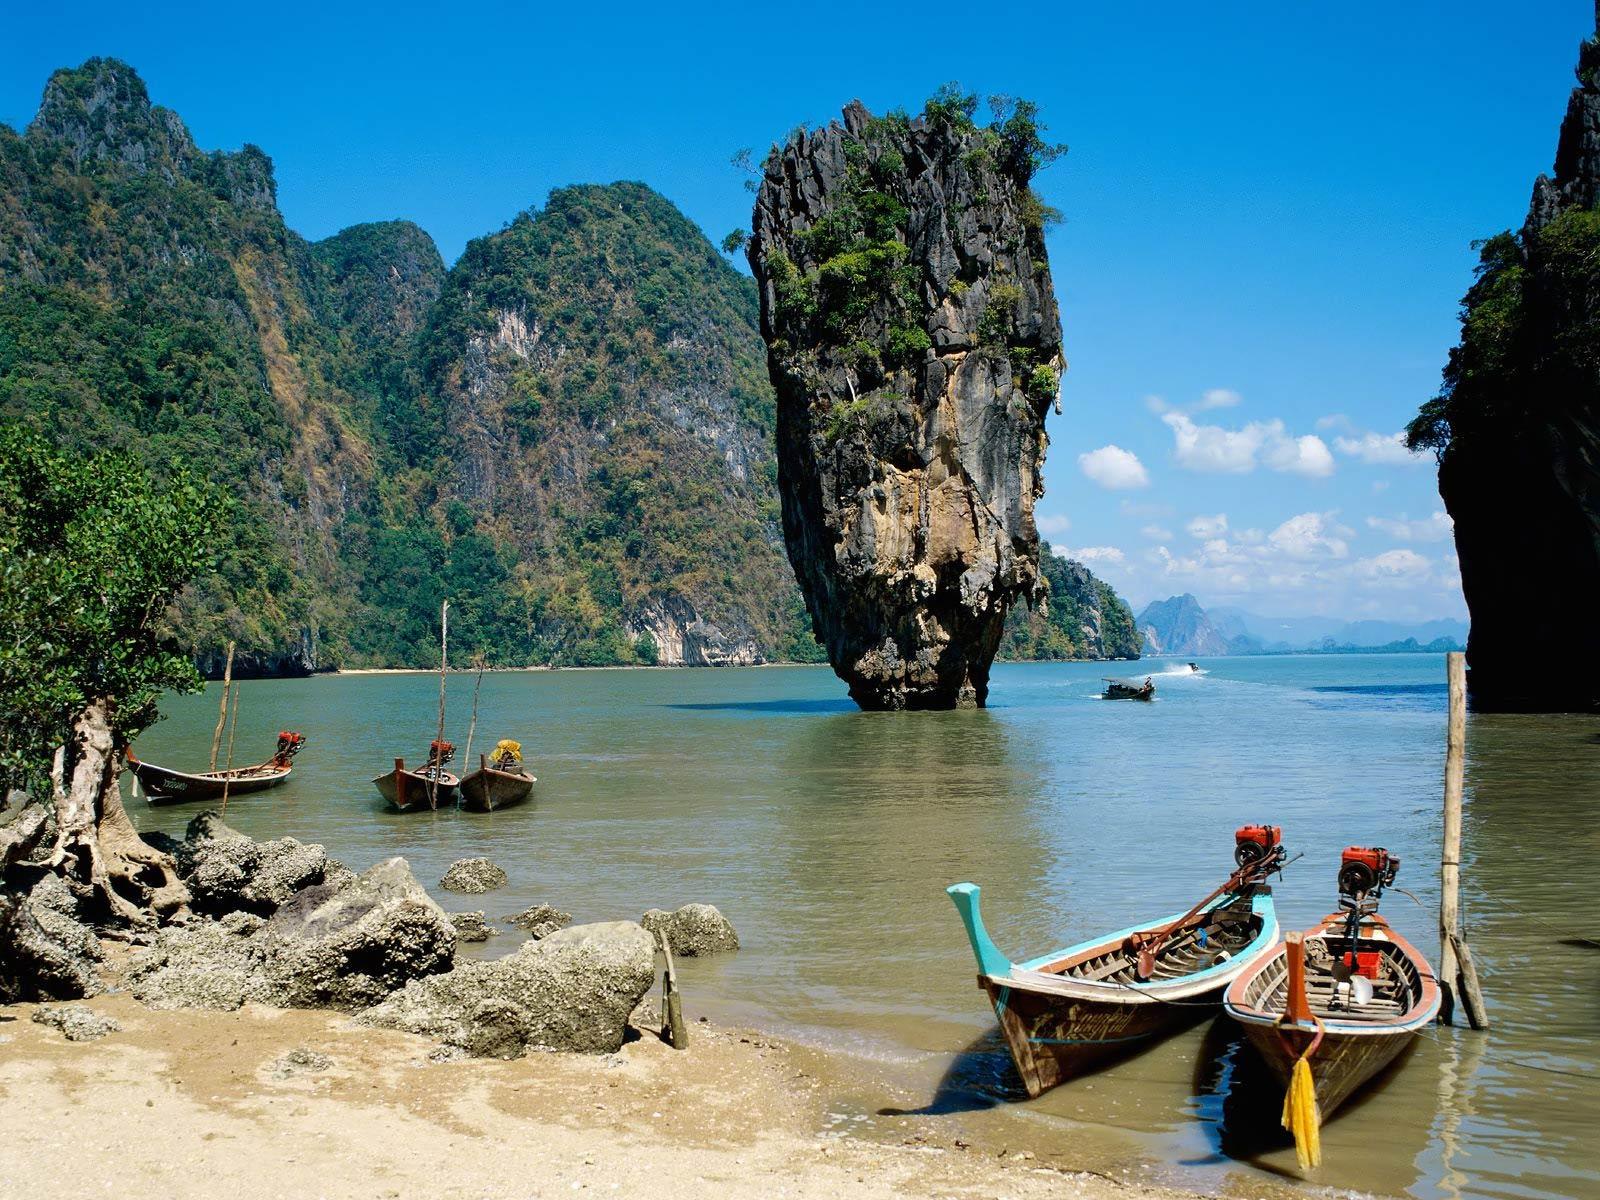 paket liburan wisata tour ke bangkok plus lebaran bersamasultan brunei